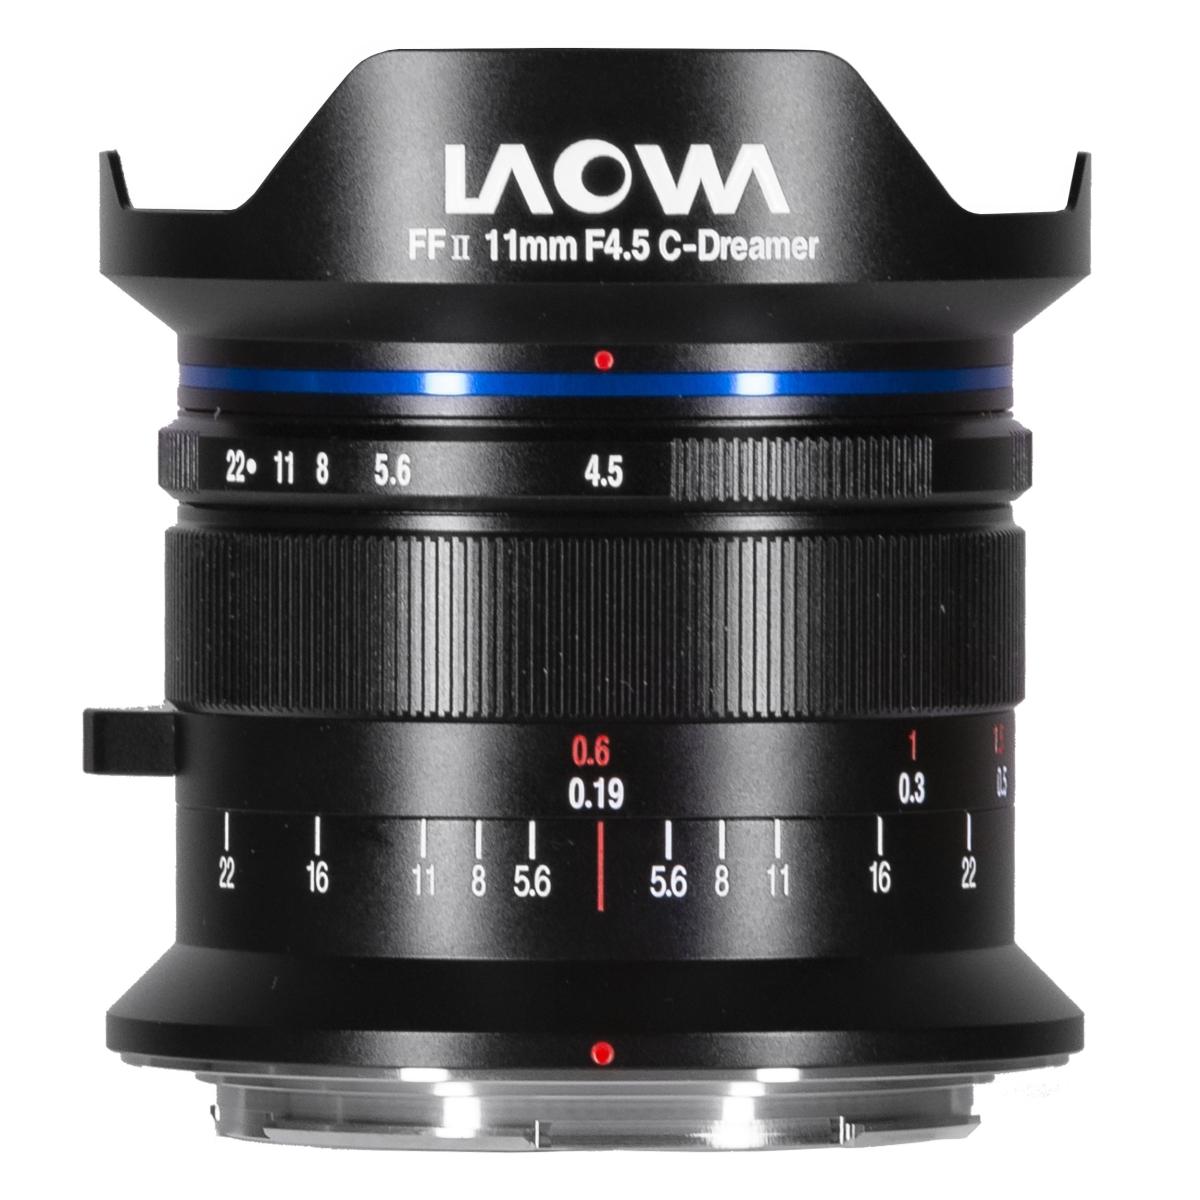 Laowa 11 mm 1:4,5 FF RL für Nikon Z